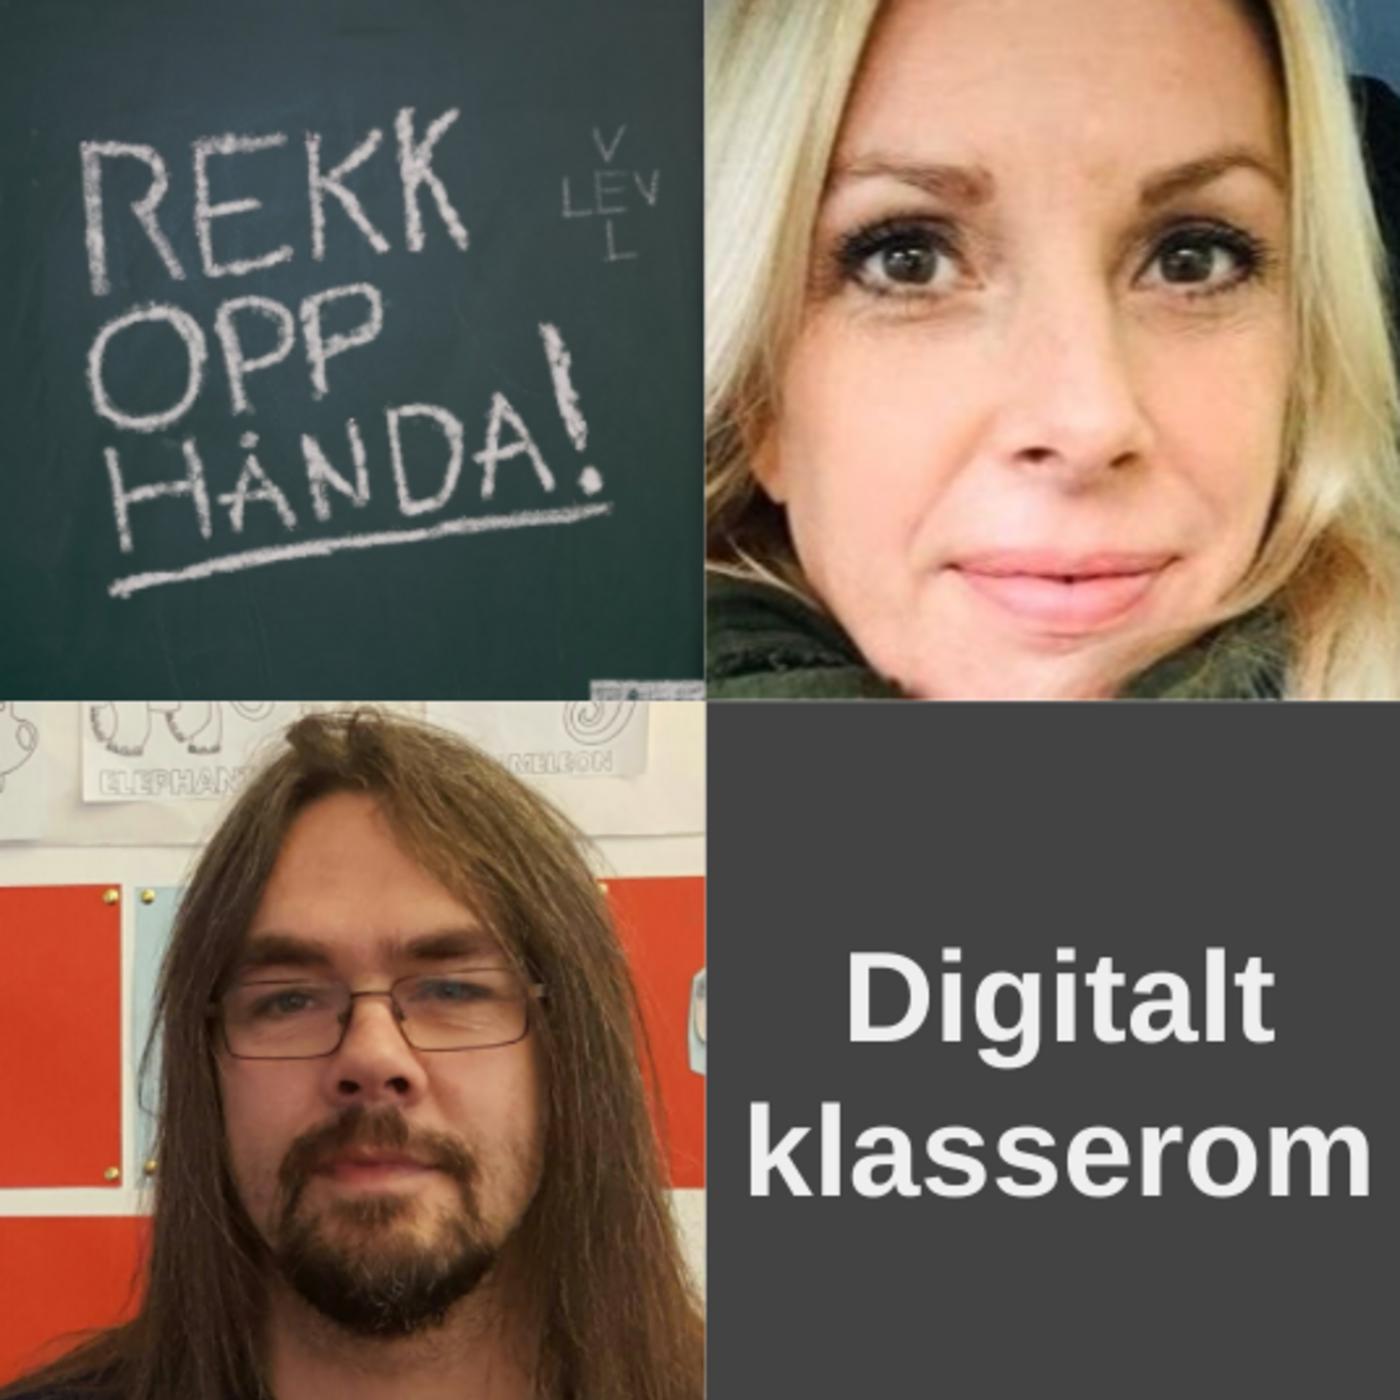 Fordelene med digitalt klasserom med Kjersti Heldaas